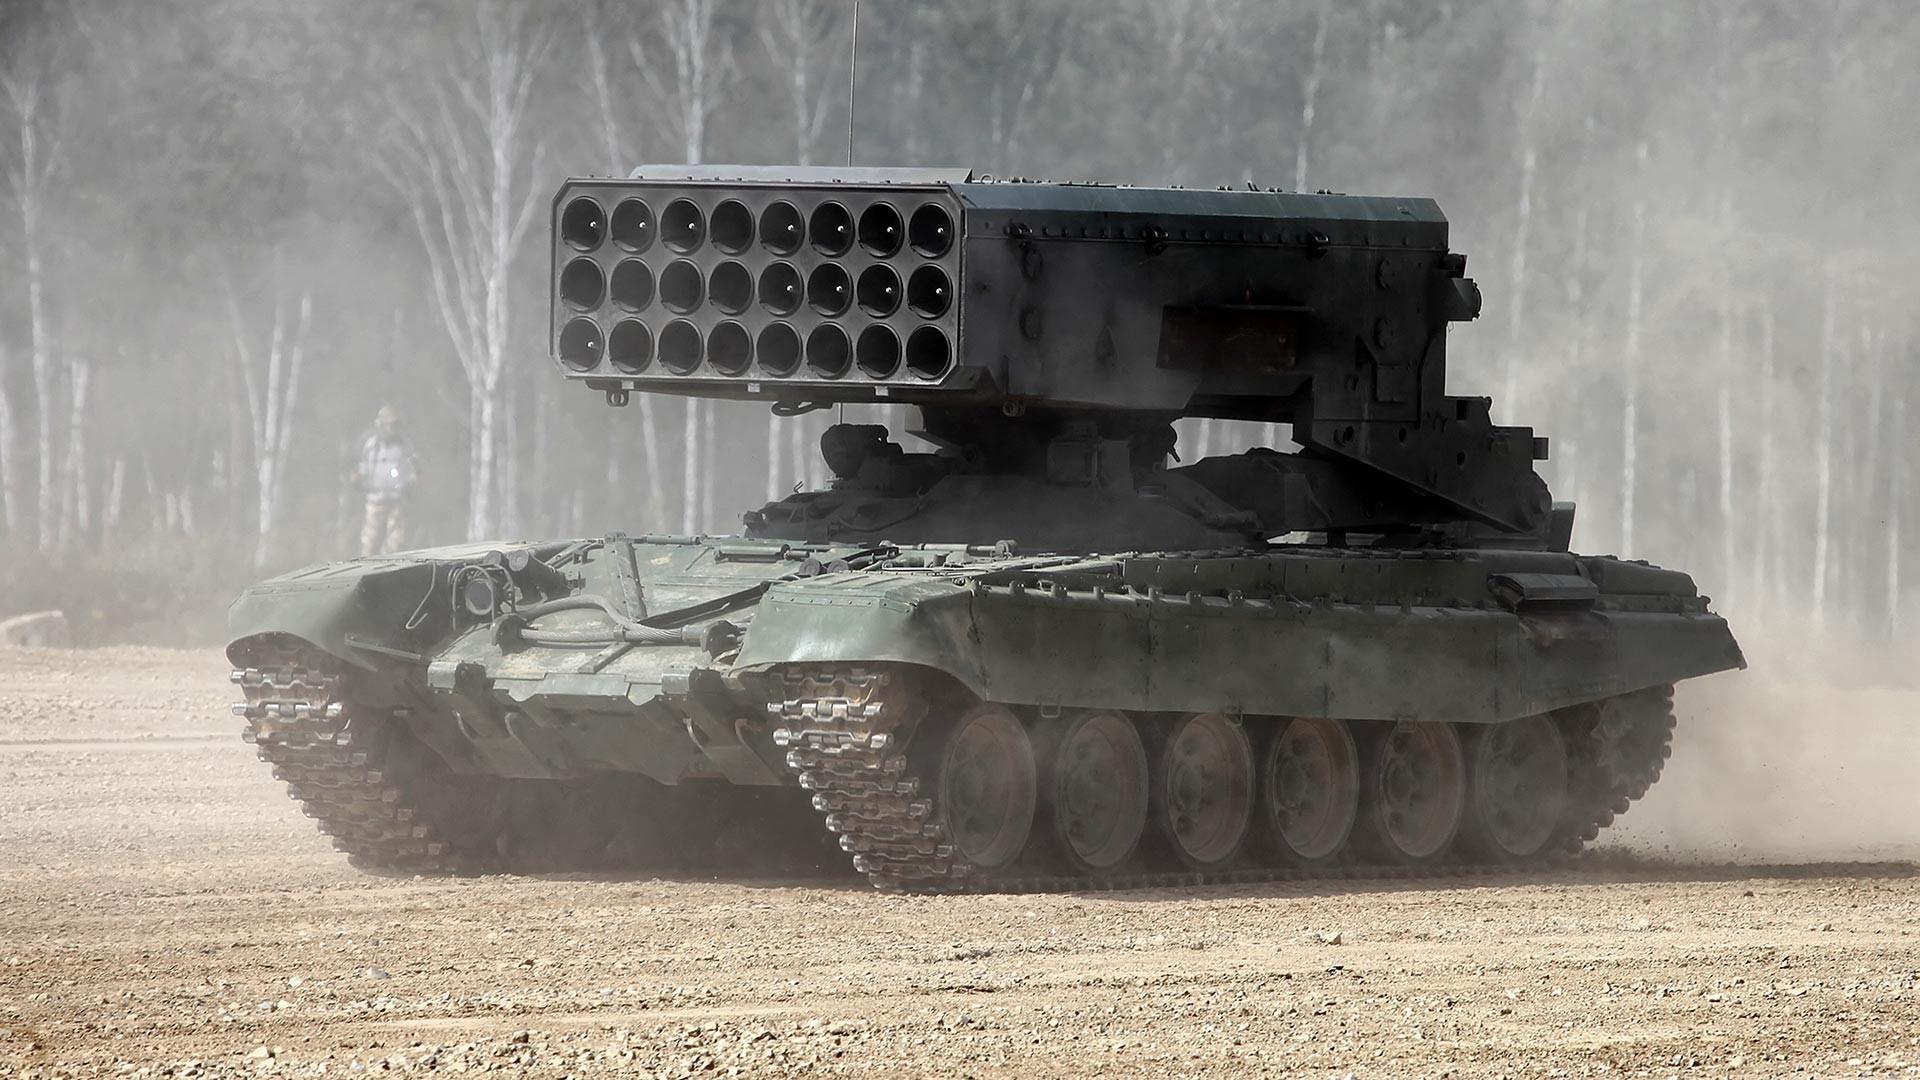 """Борбено возило БМ-1 на тешкиот повеќецевен ракетен лансер ТОС-1А """"Сонцепјок""""."""